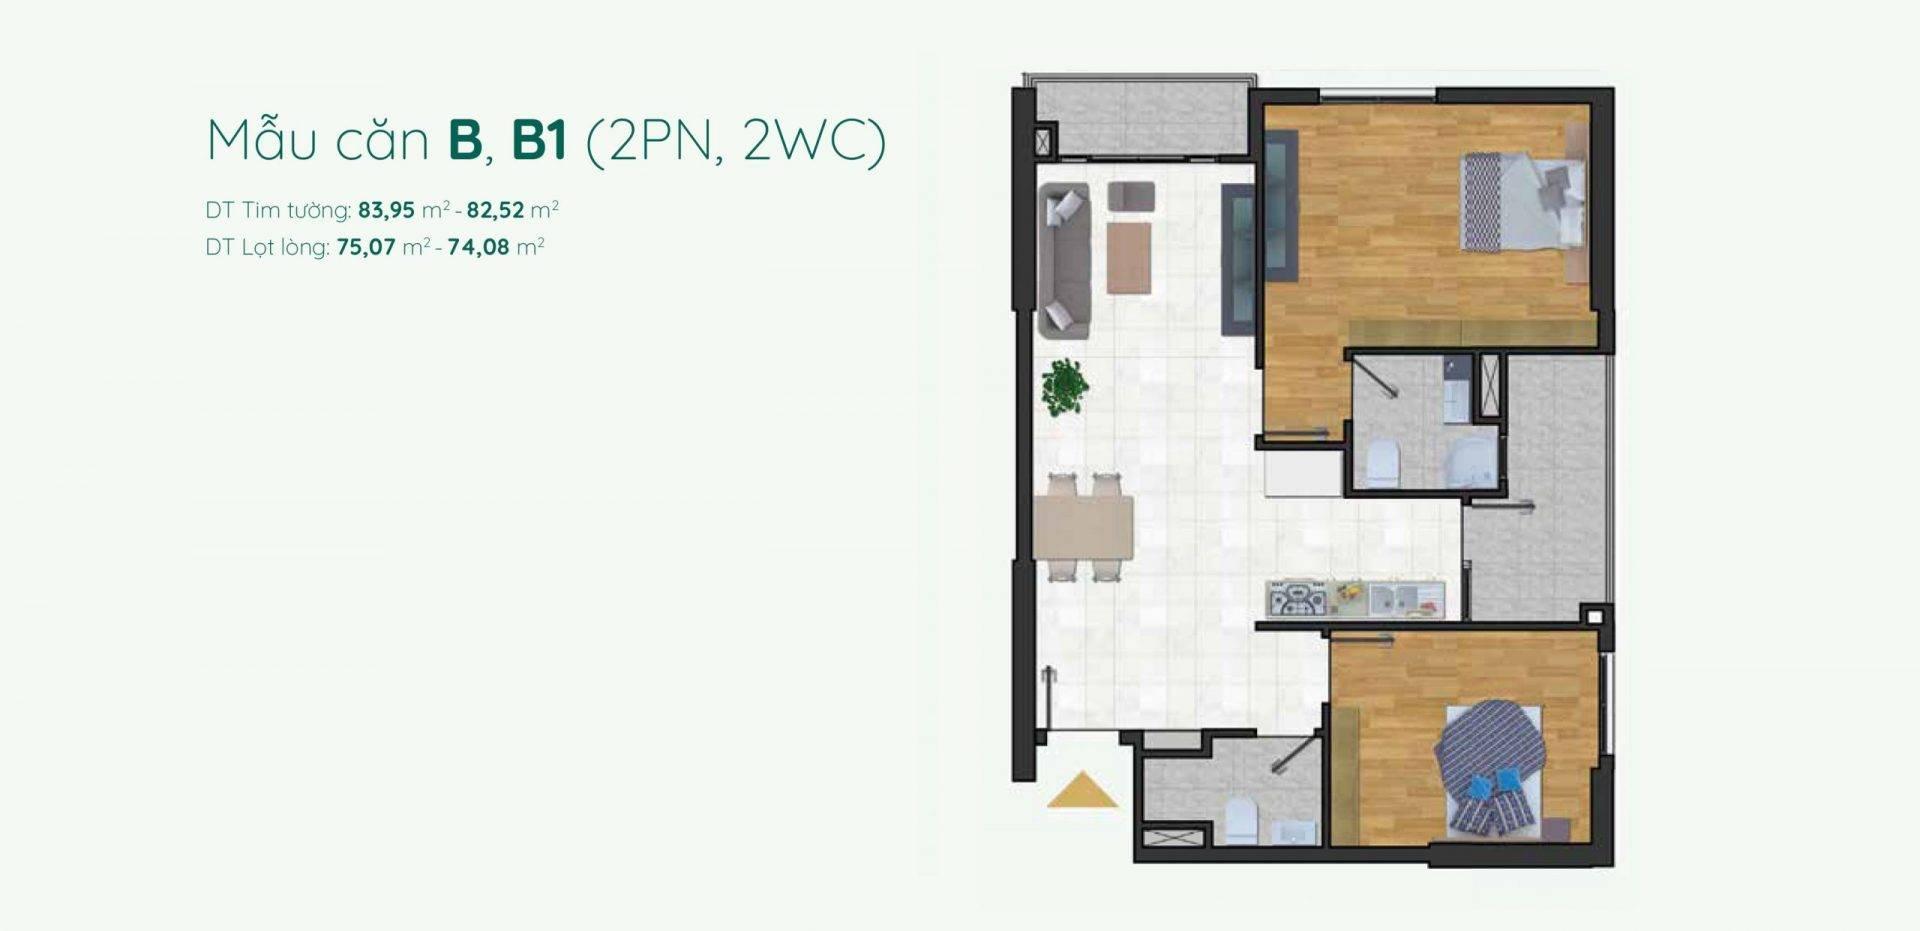 Thiết kế mẫu A căn hộ 2 phòng ngủ Minh Quốc Plaza